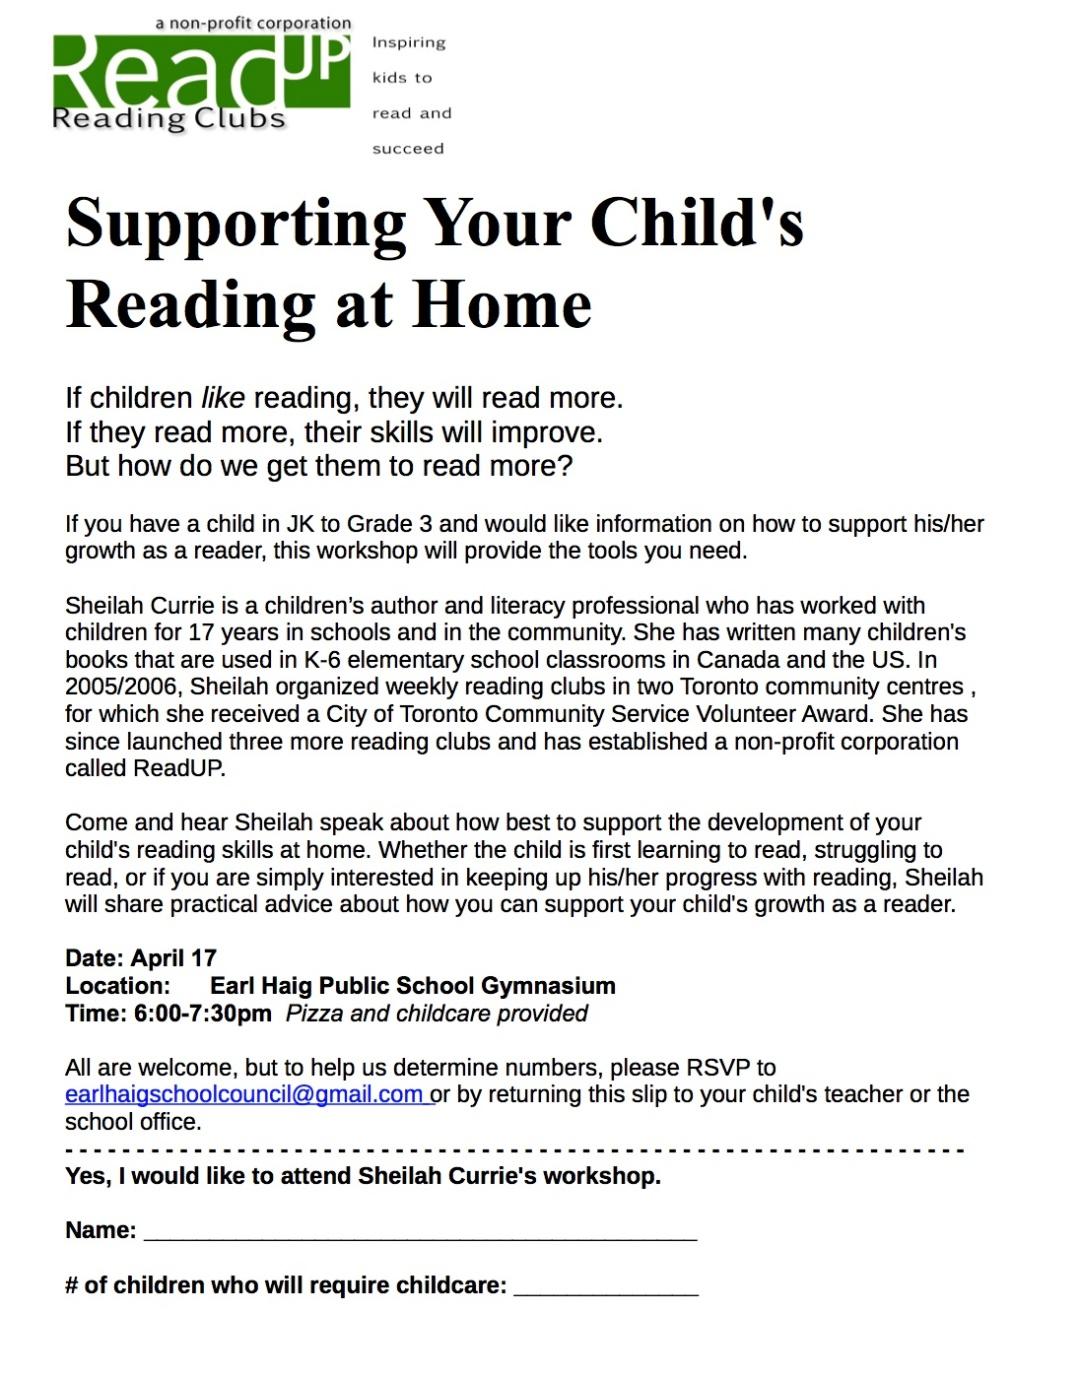 Read Up Parent Workshop